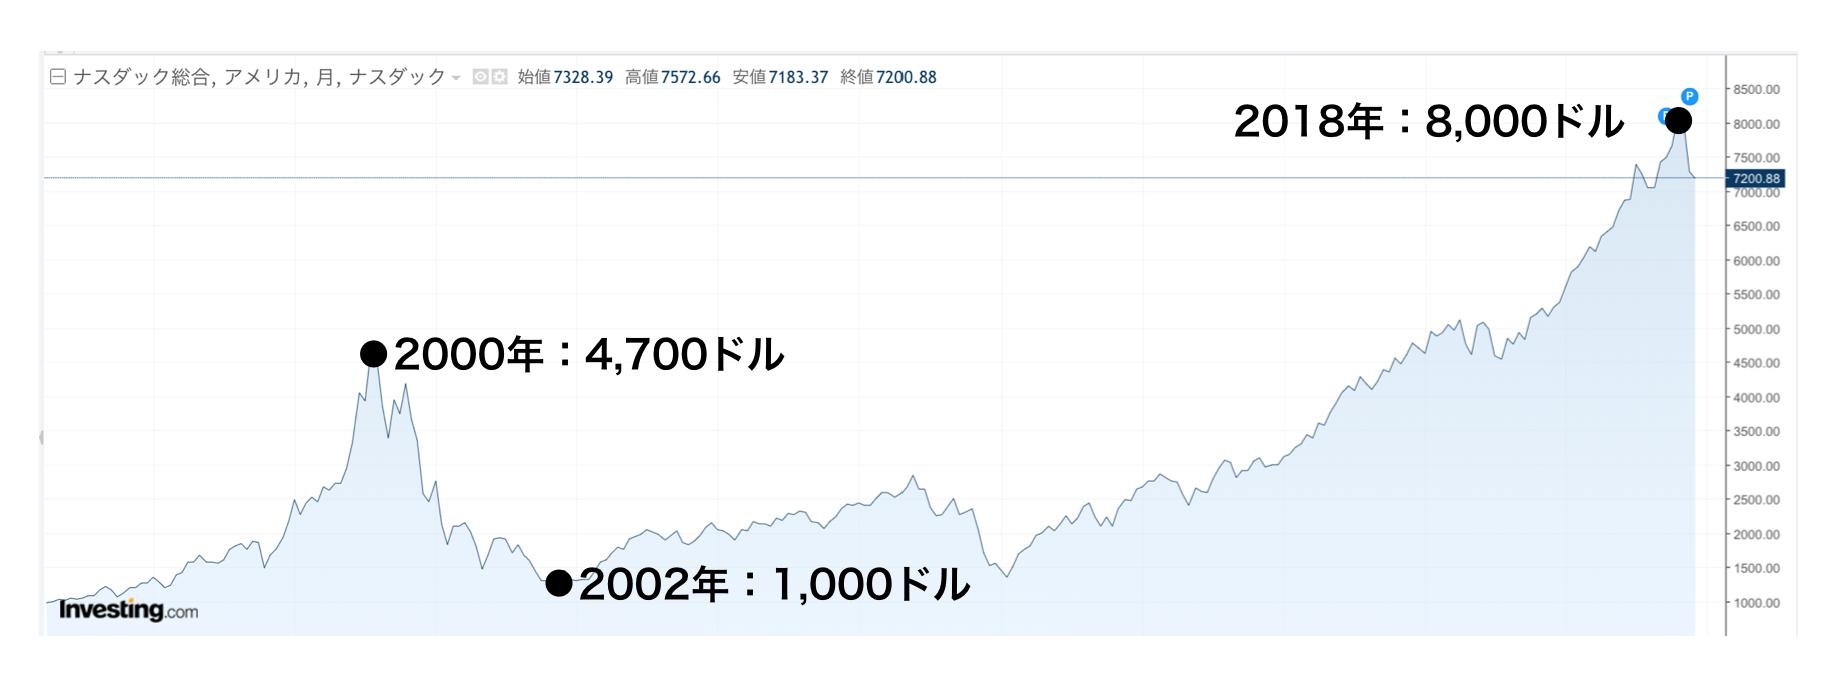 ナスダック総合指数